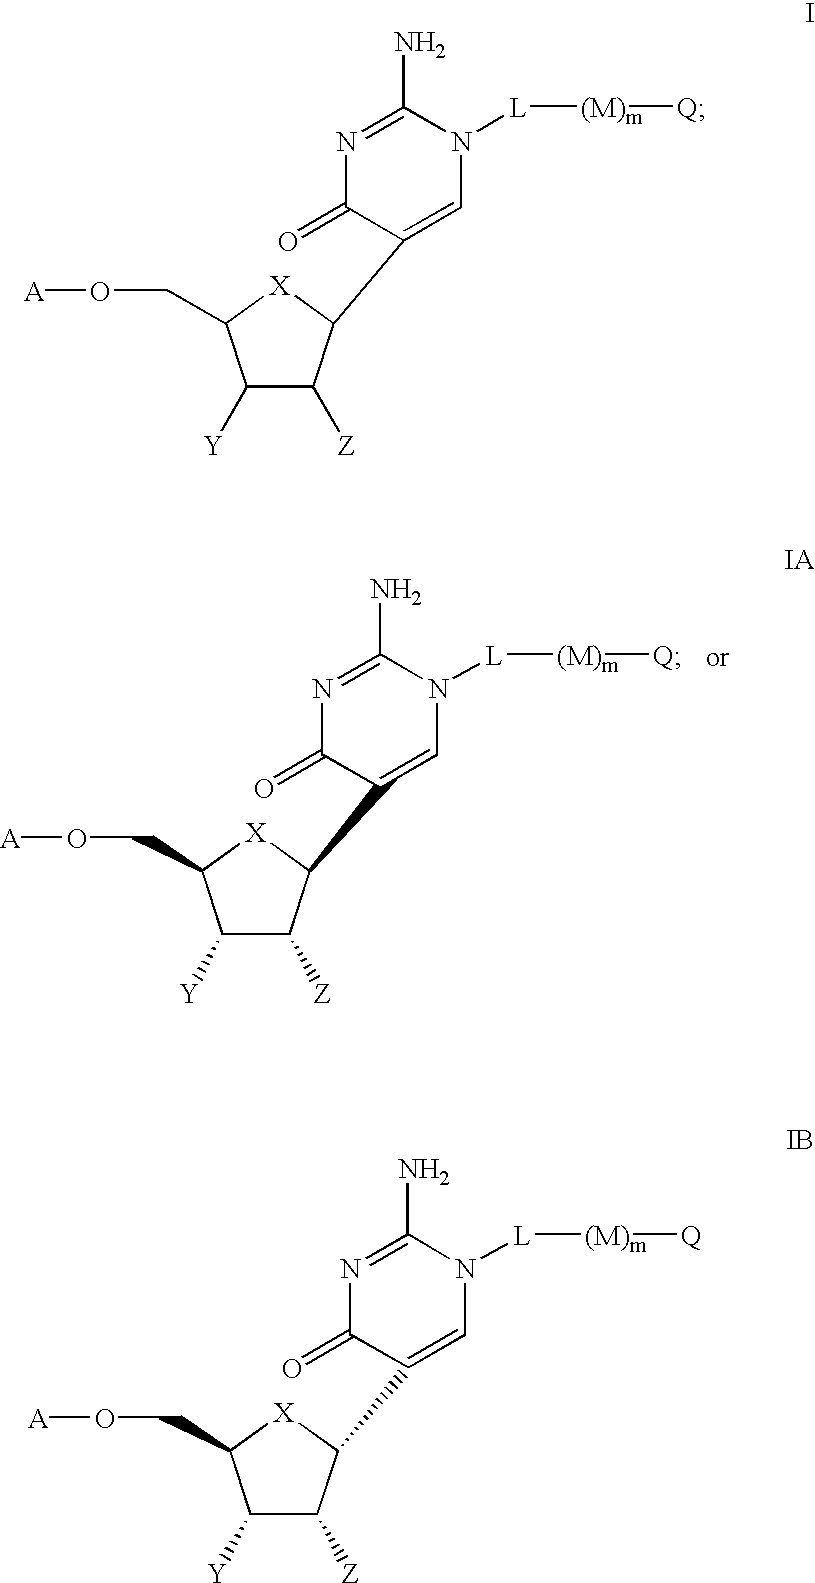 Figure US07468243-20081223-C00007